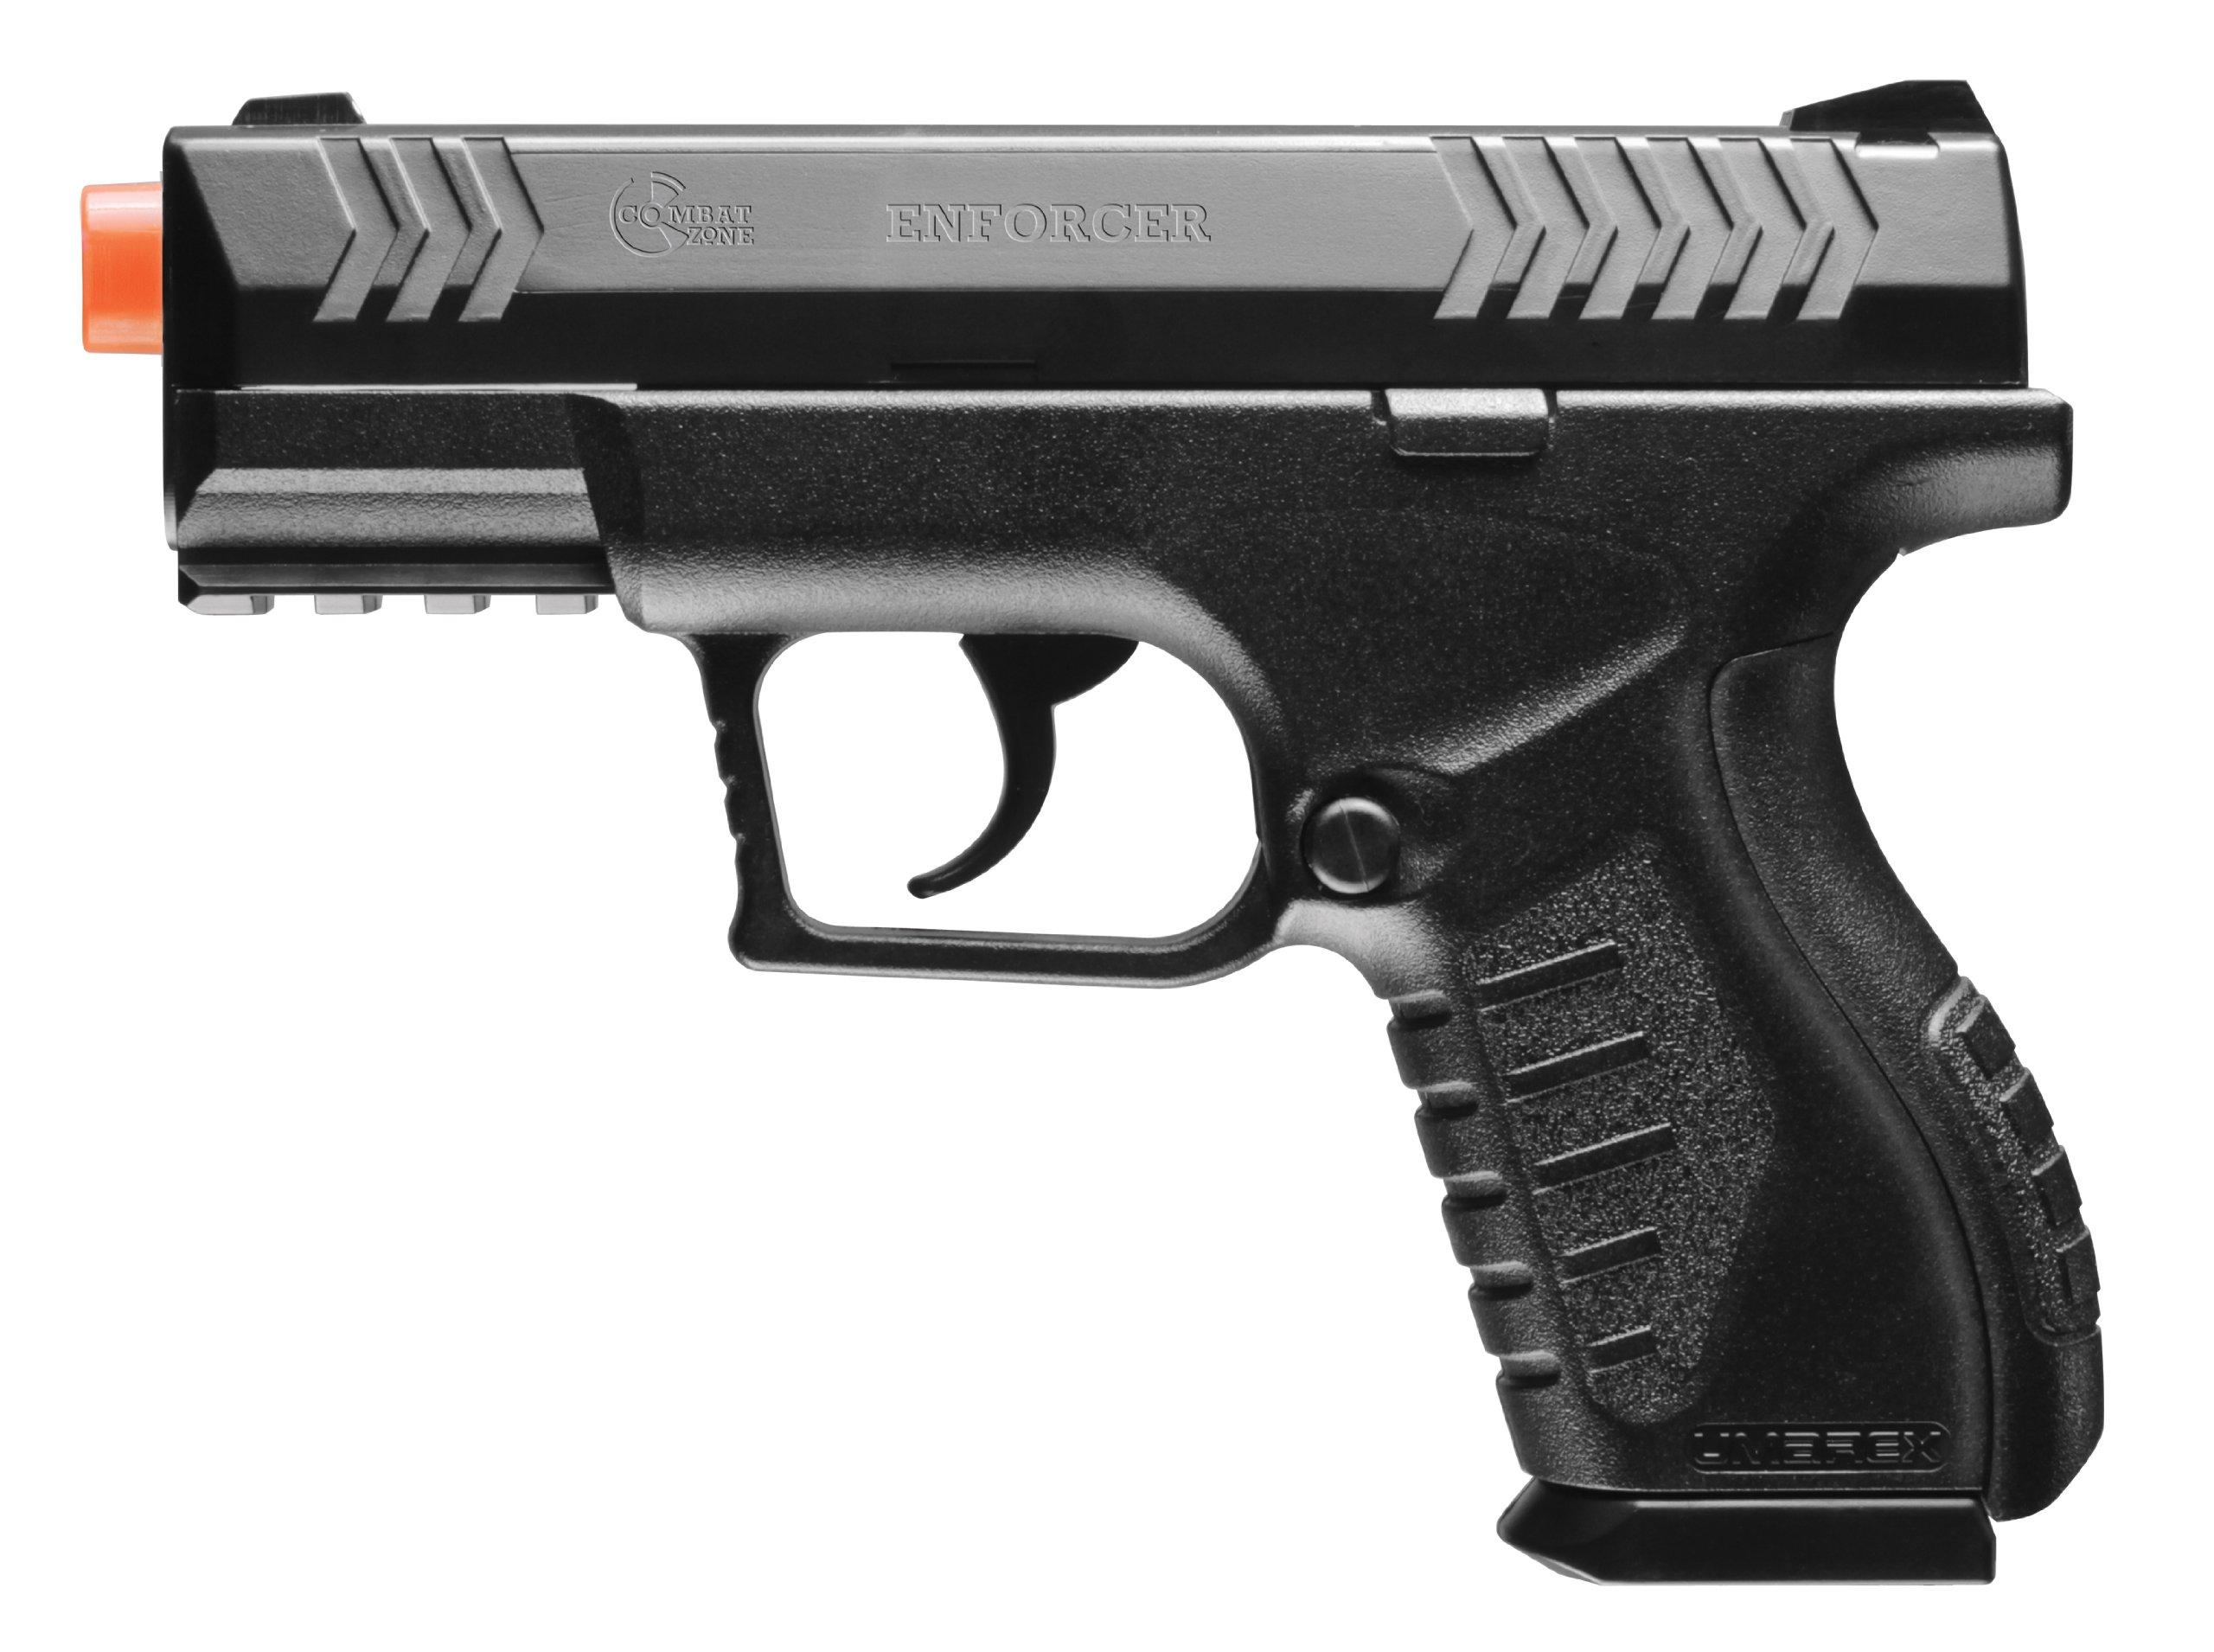 Umarex Combat Zone Enforcer 6mm BB Pistol Airsoft Gun by Elite Force